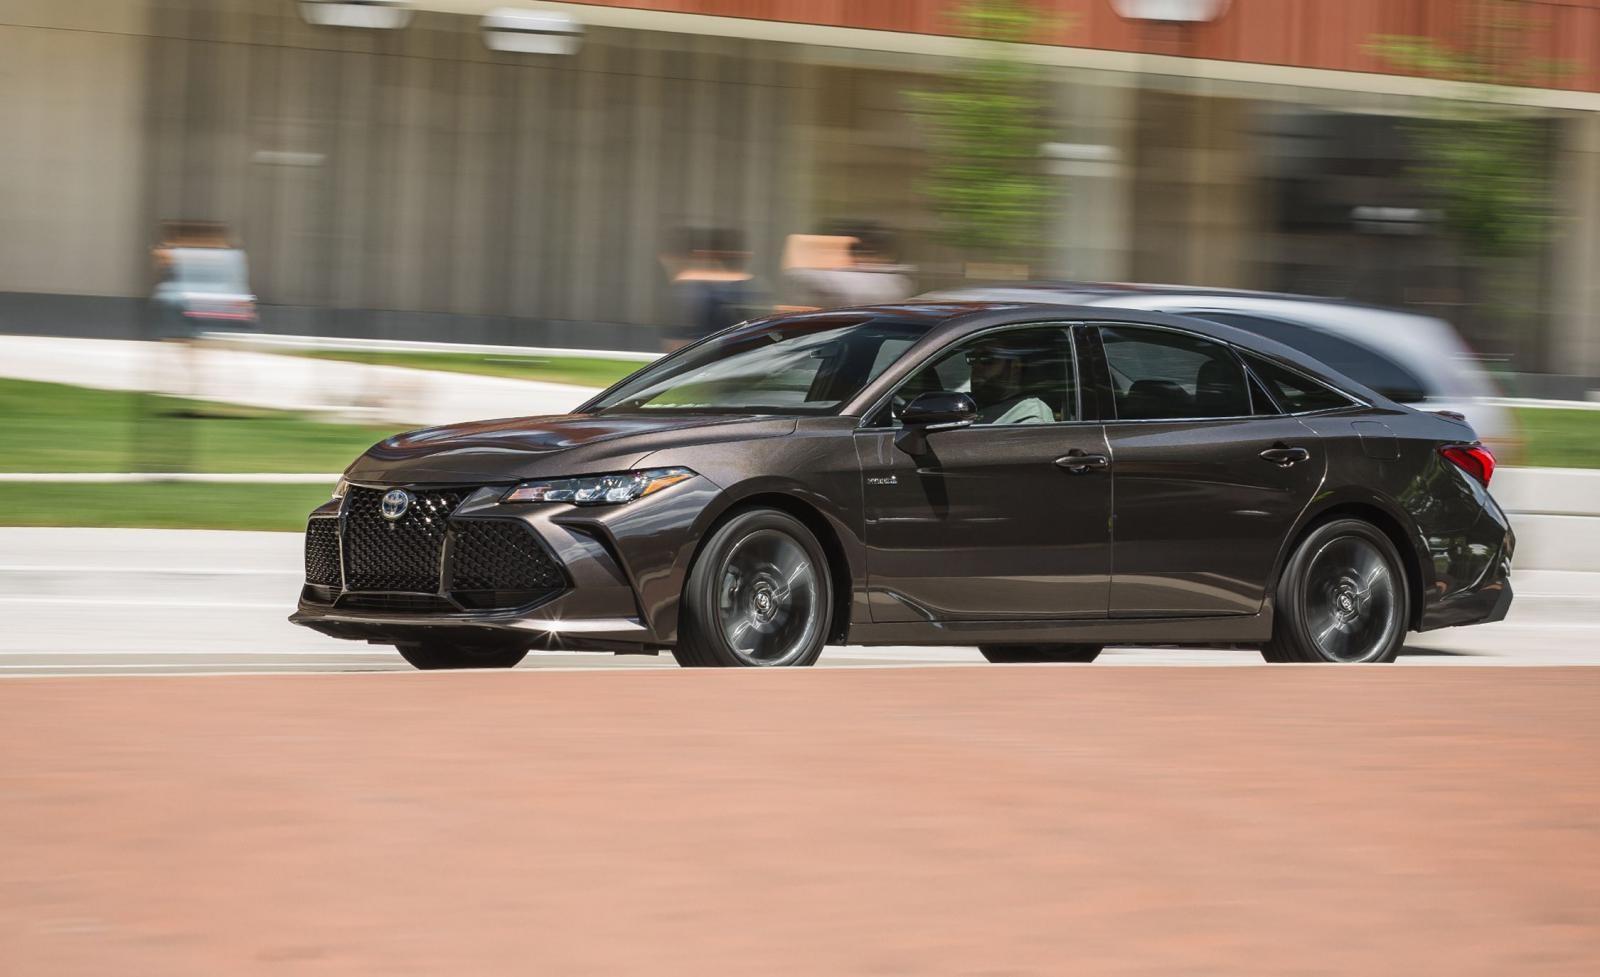 Phiên bản hybrid của Toyota Avalon tuy không có khả năng tiết kiệm nhiên liệu như Prius nhưng bù lại khả năng vận hành lại tốt hơn đến từ khối động cơ 2.5L